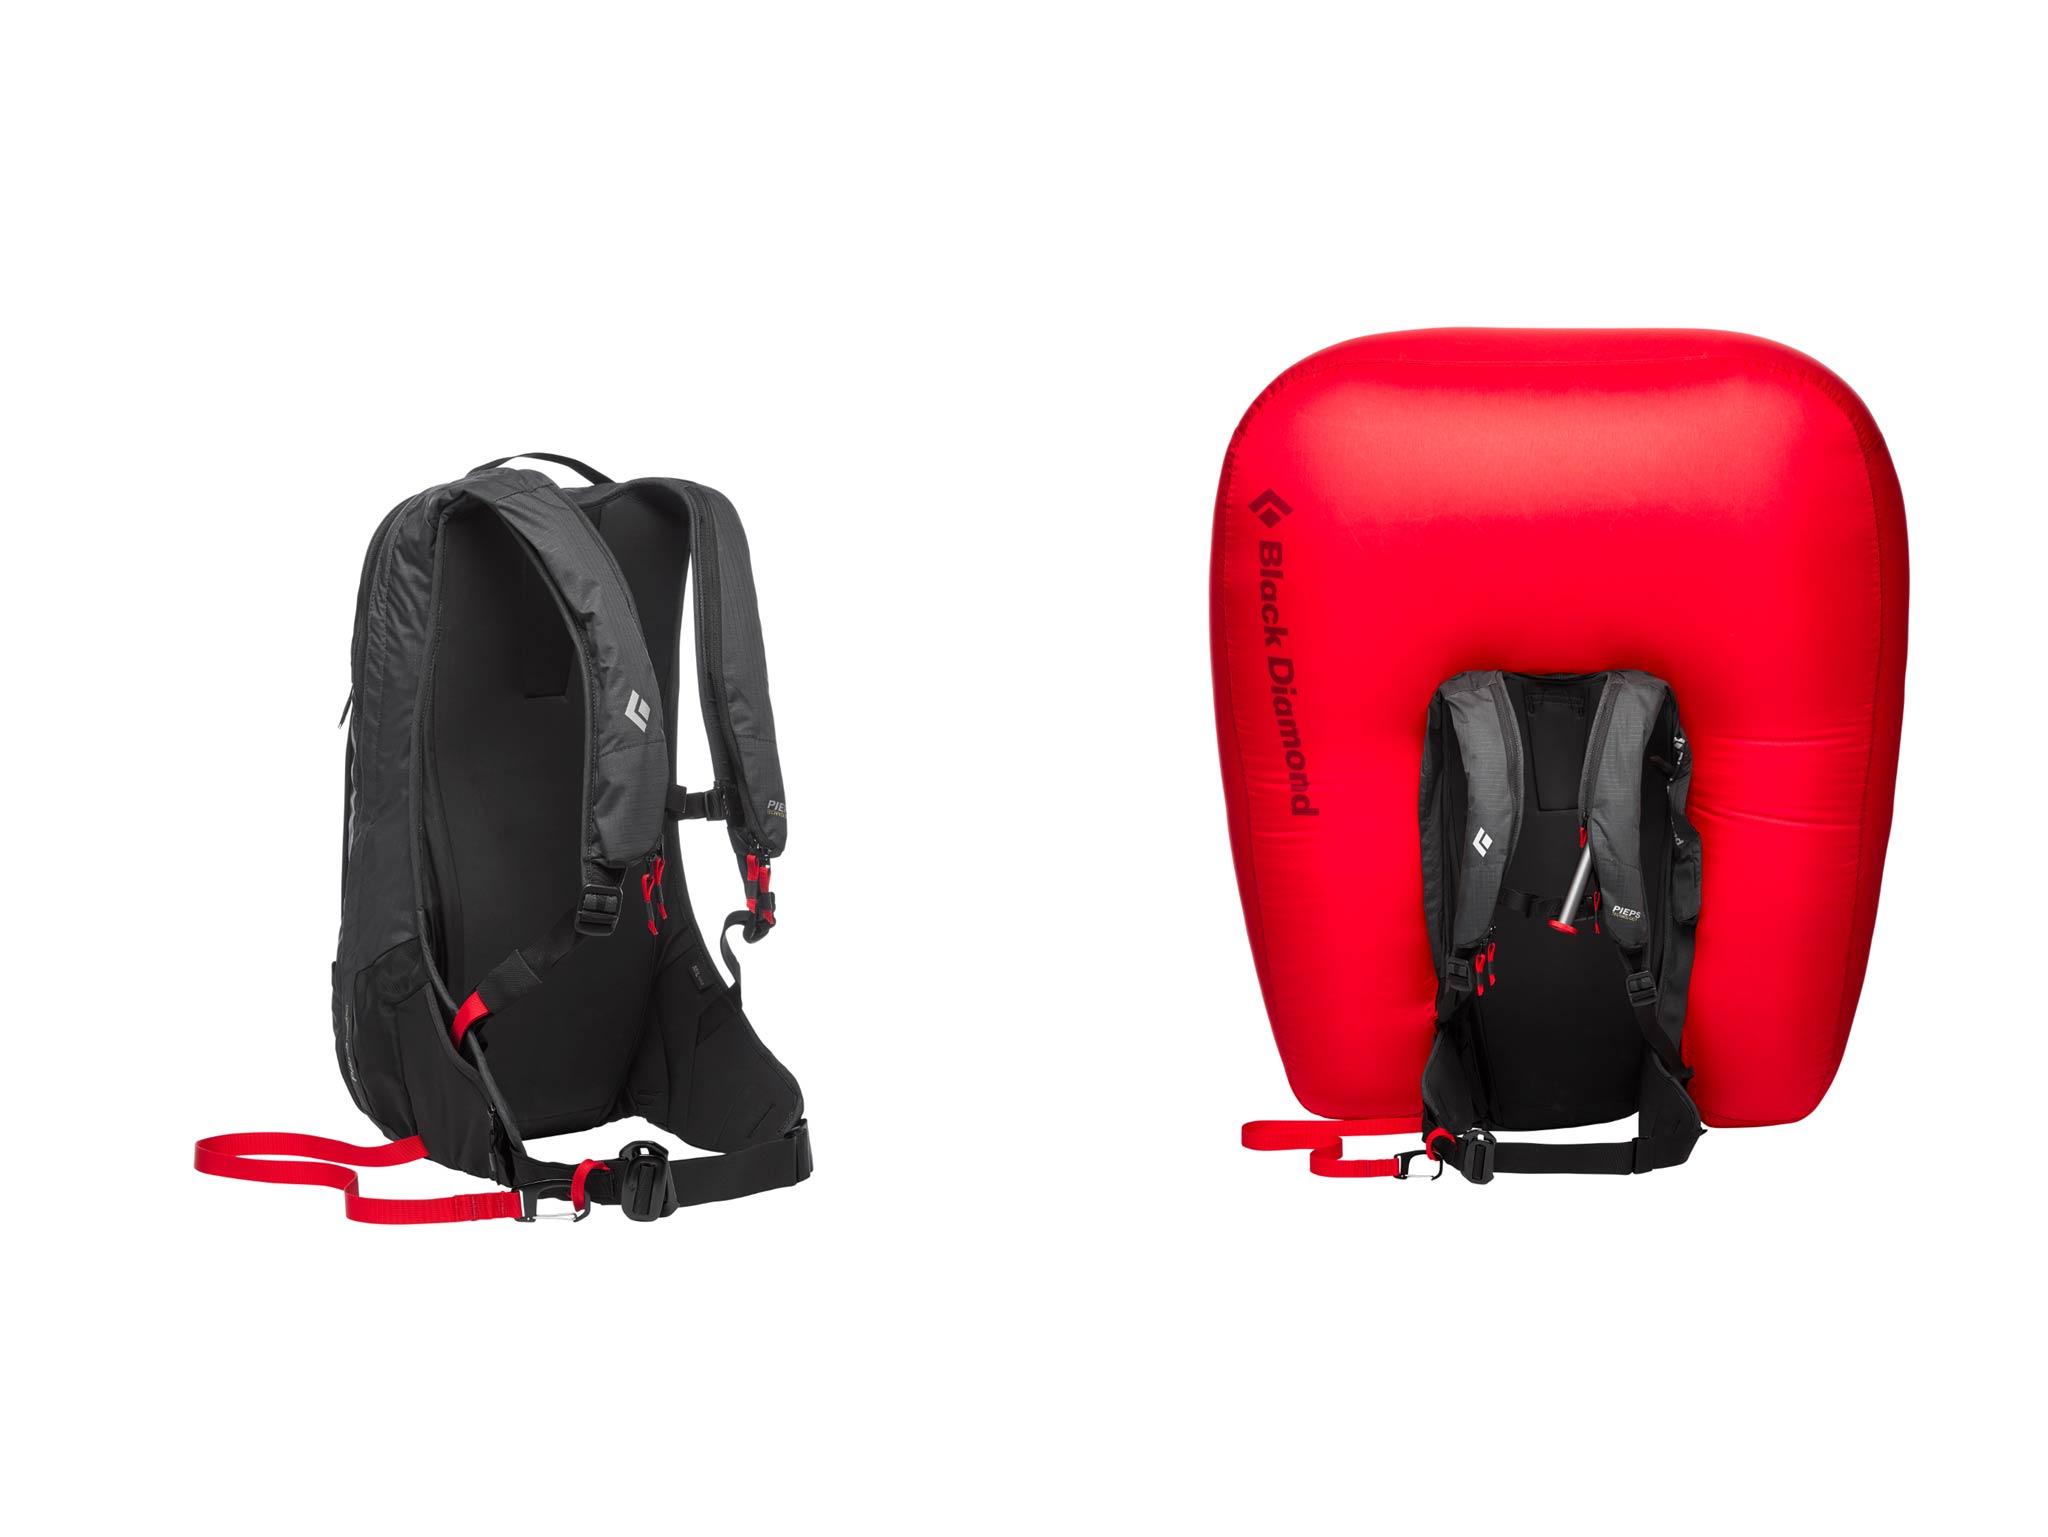 Der Black Diamond Jetforce Pro von hinten sowie mit aufgeblasenem Airbag.